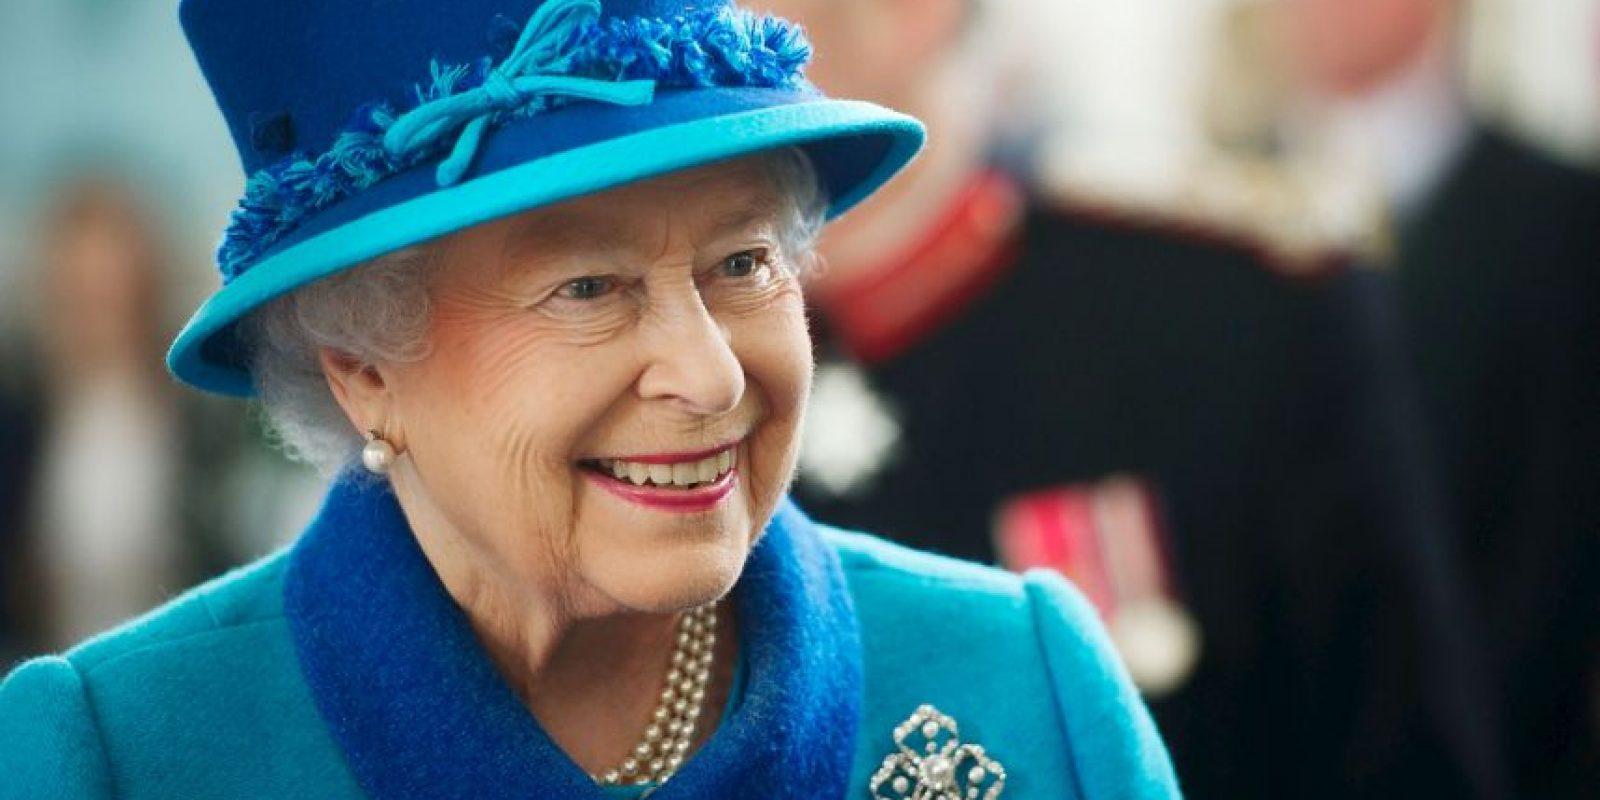 Sin querer una niña fue golpeada después de despedirse de la reina. Foto:Getty Images